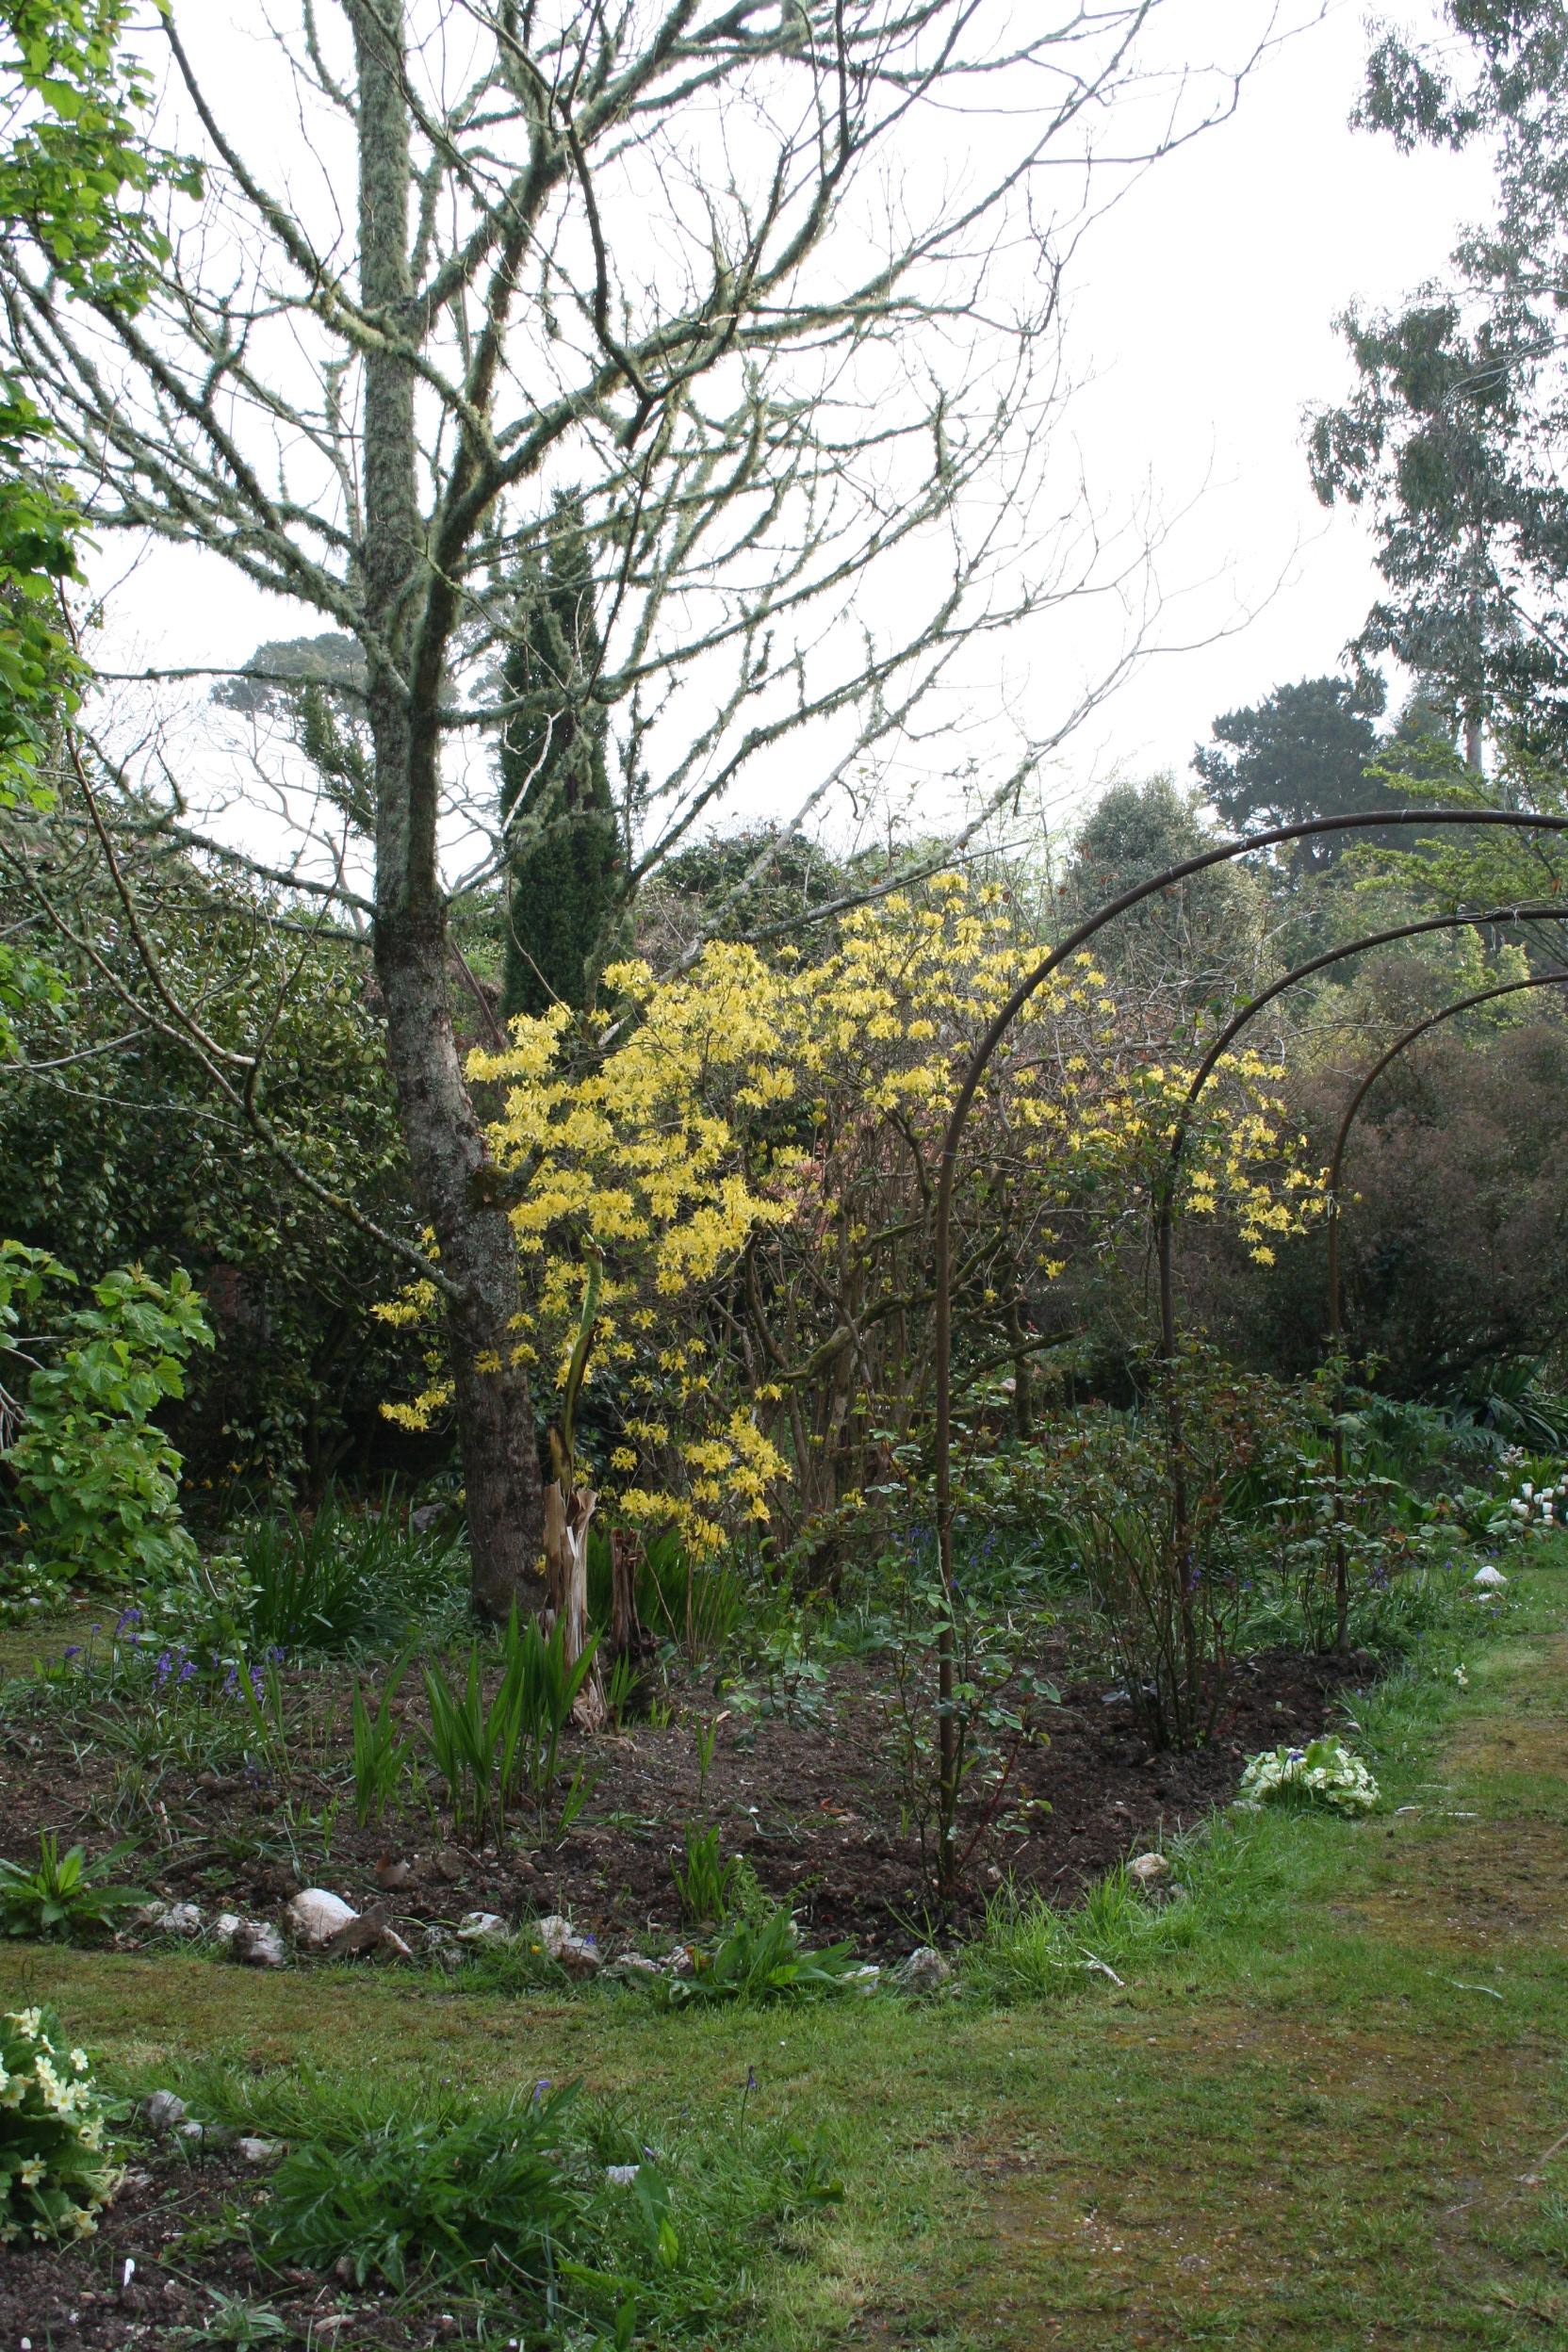 Yellowflowergarden